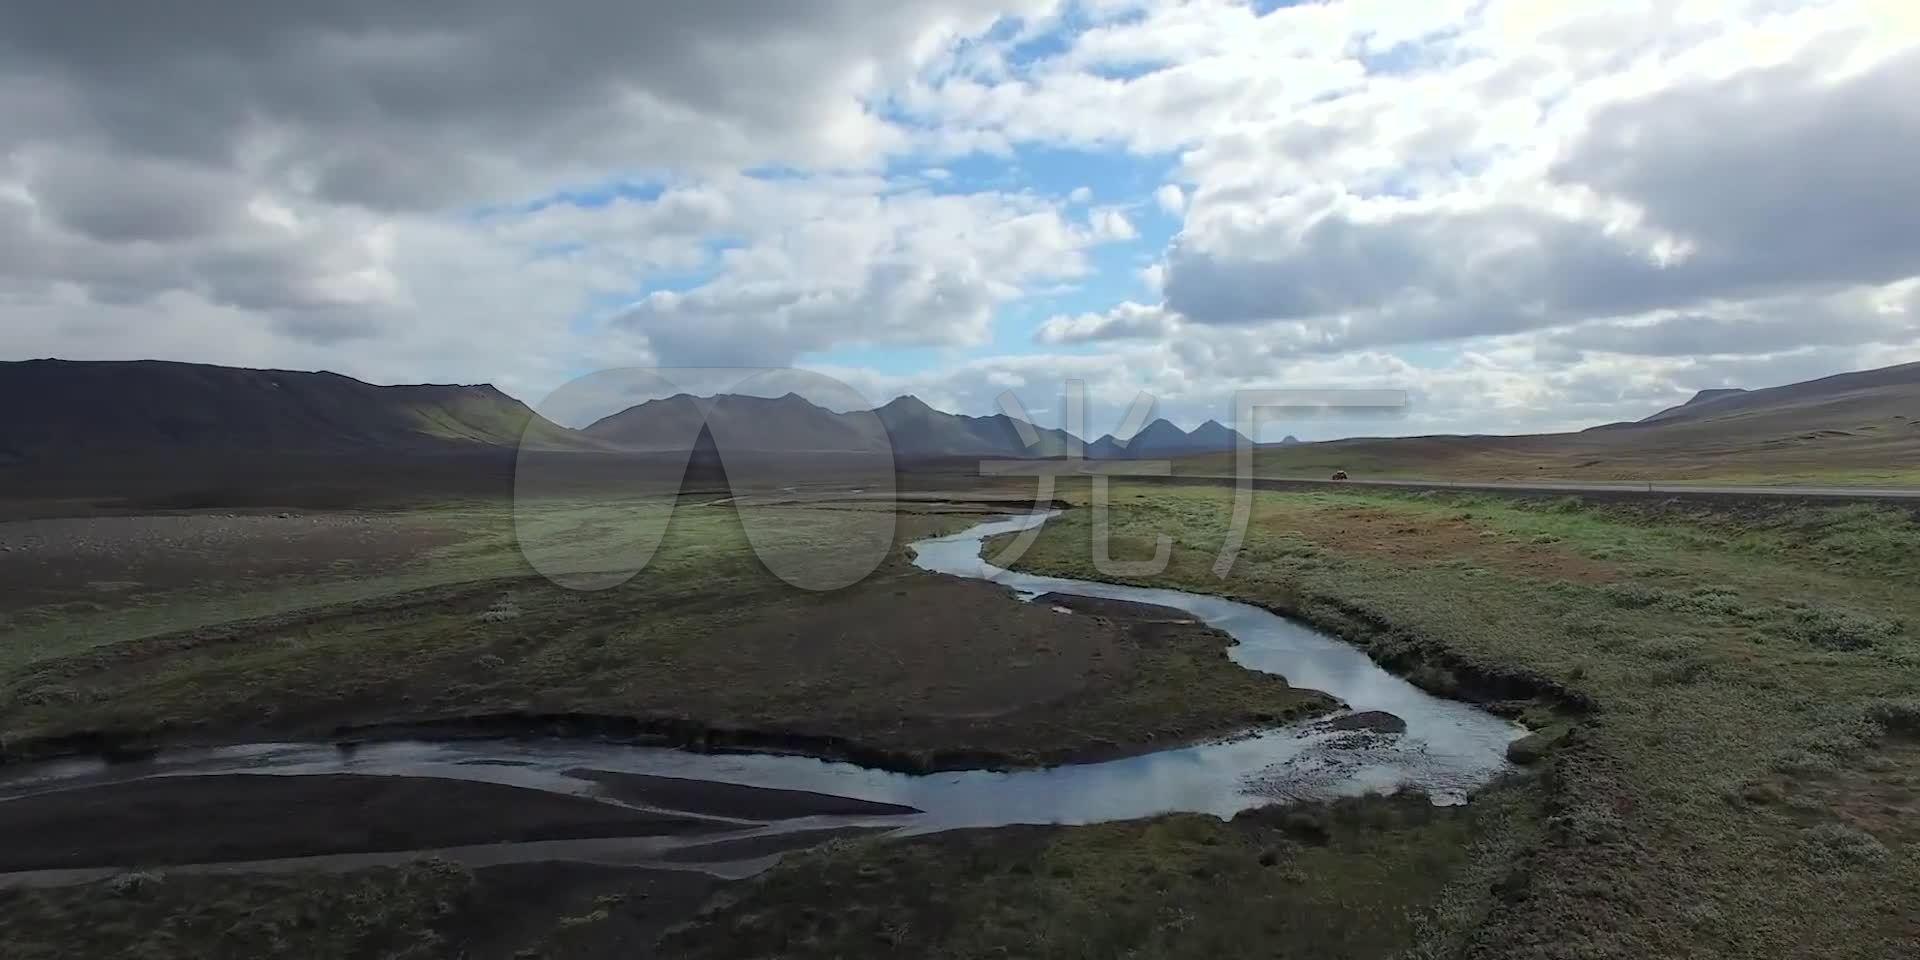 冰岛雪地雪山草原河流云层自然风光_1920X9音视频伪抖图片